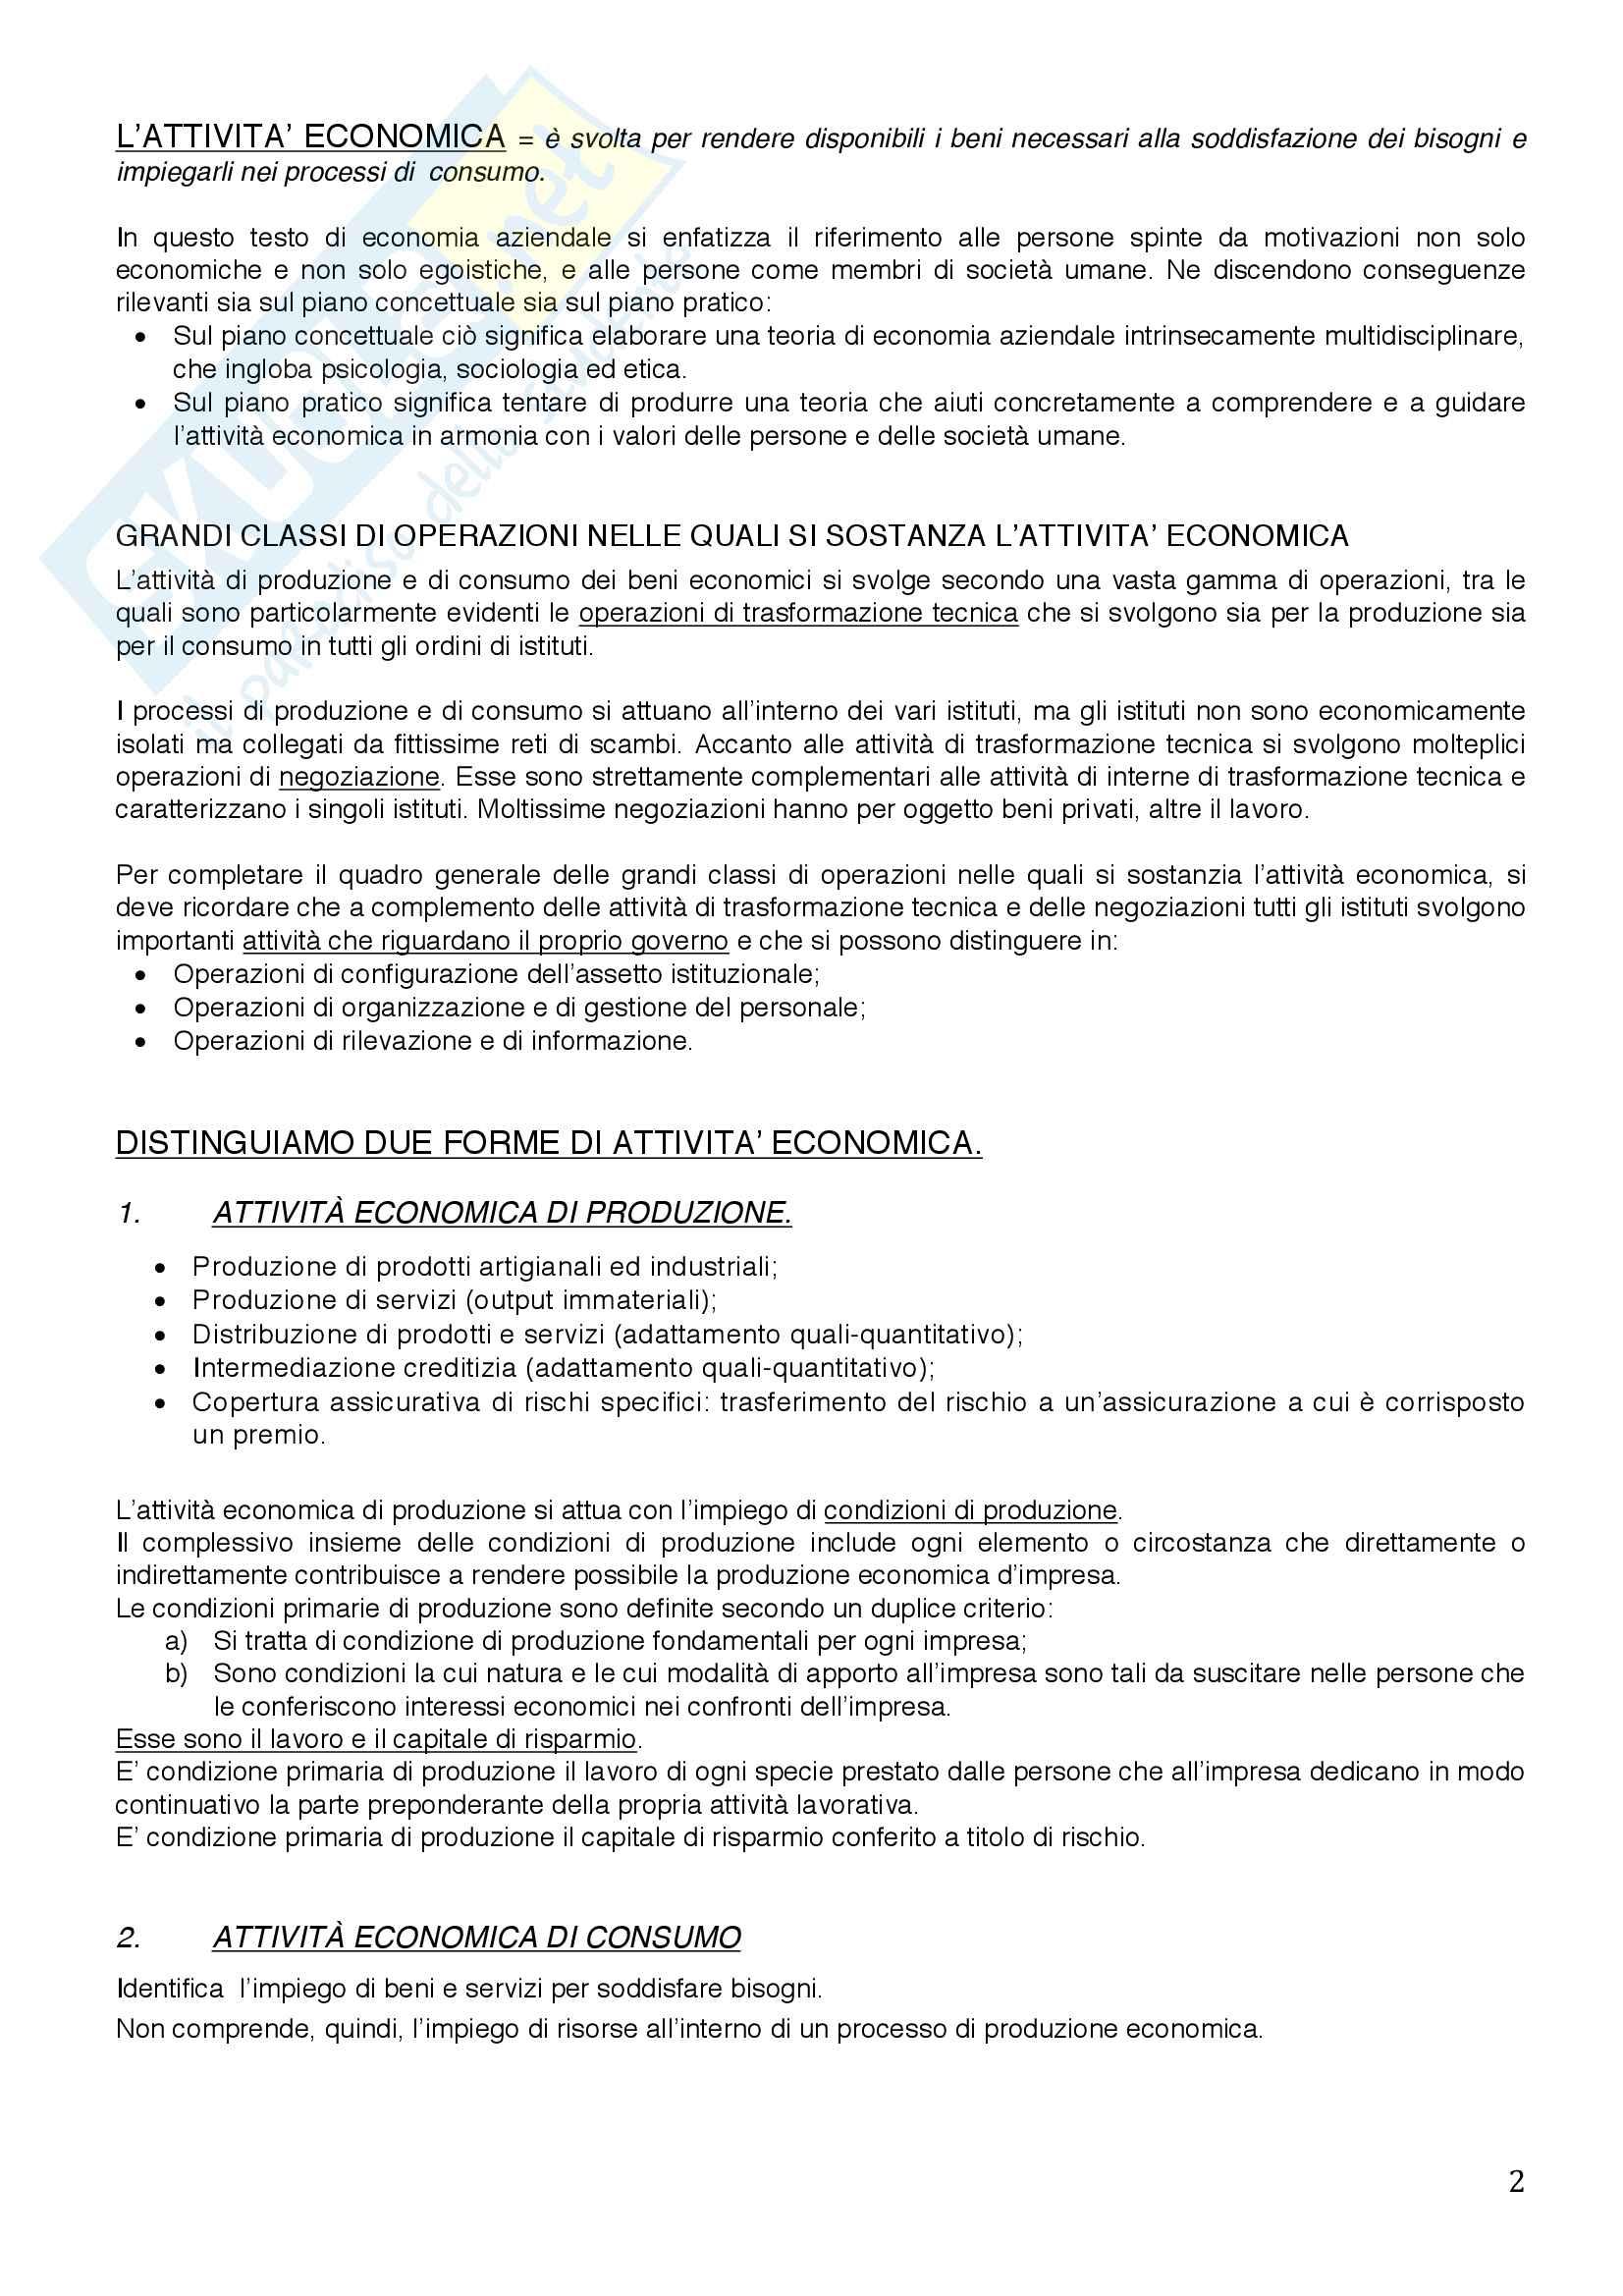 Economia aziendale Pag. 2